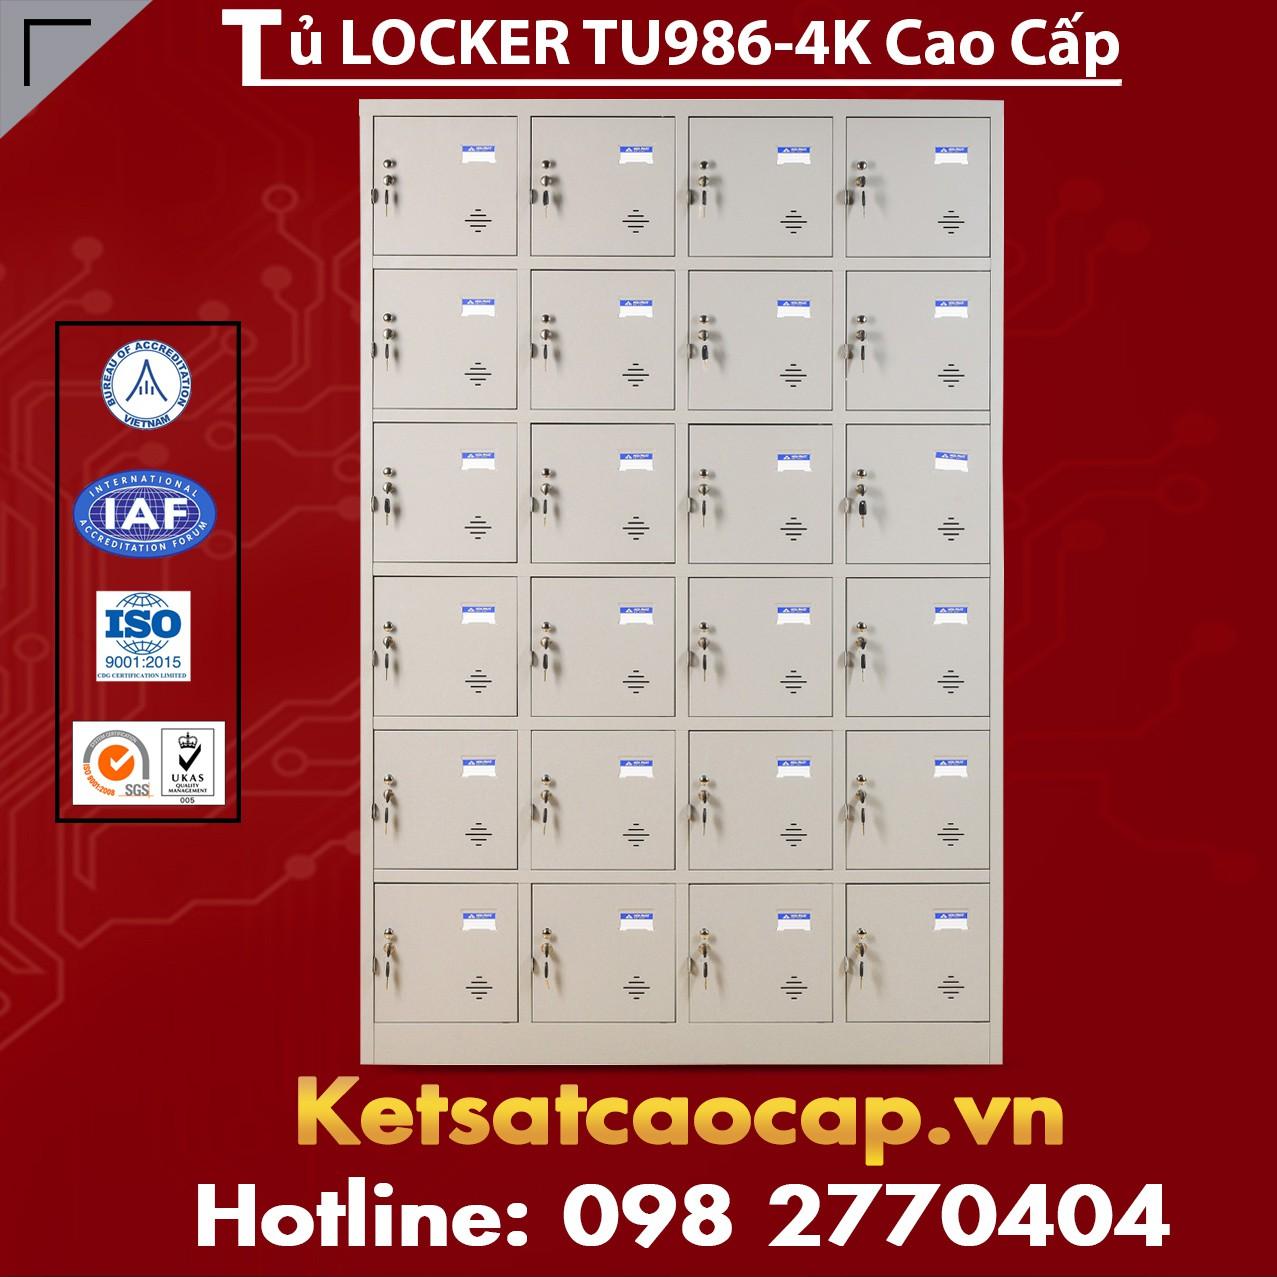 Tủ Locker Giá Gốc Tại Kho